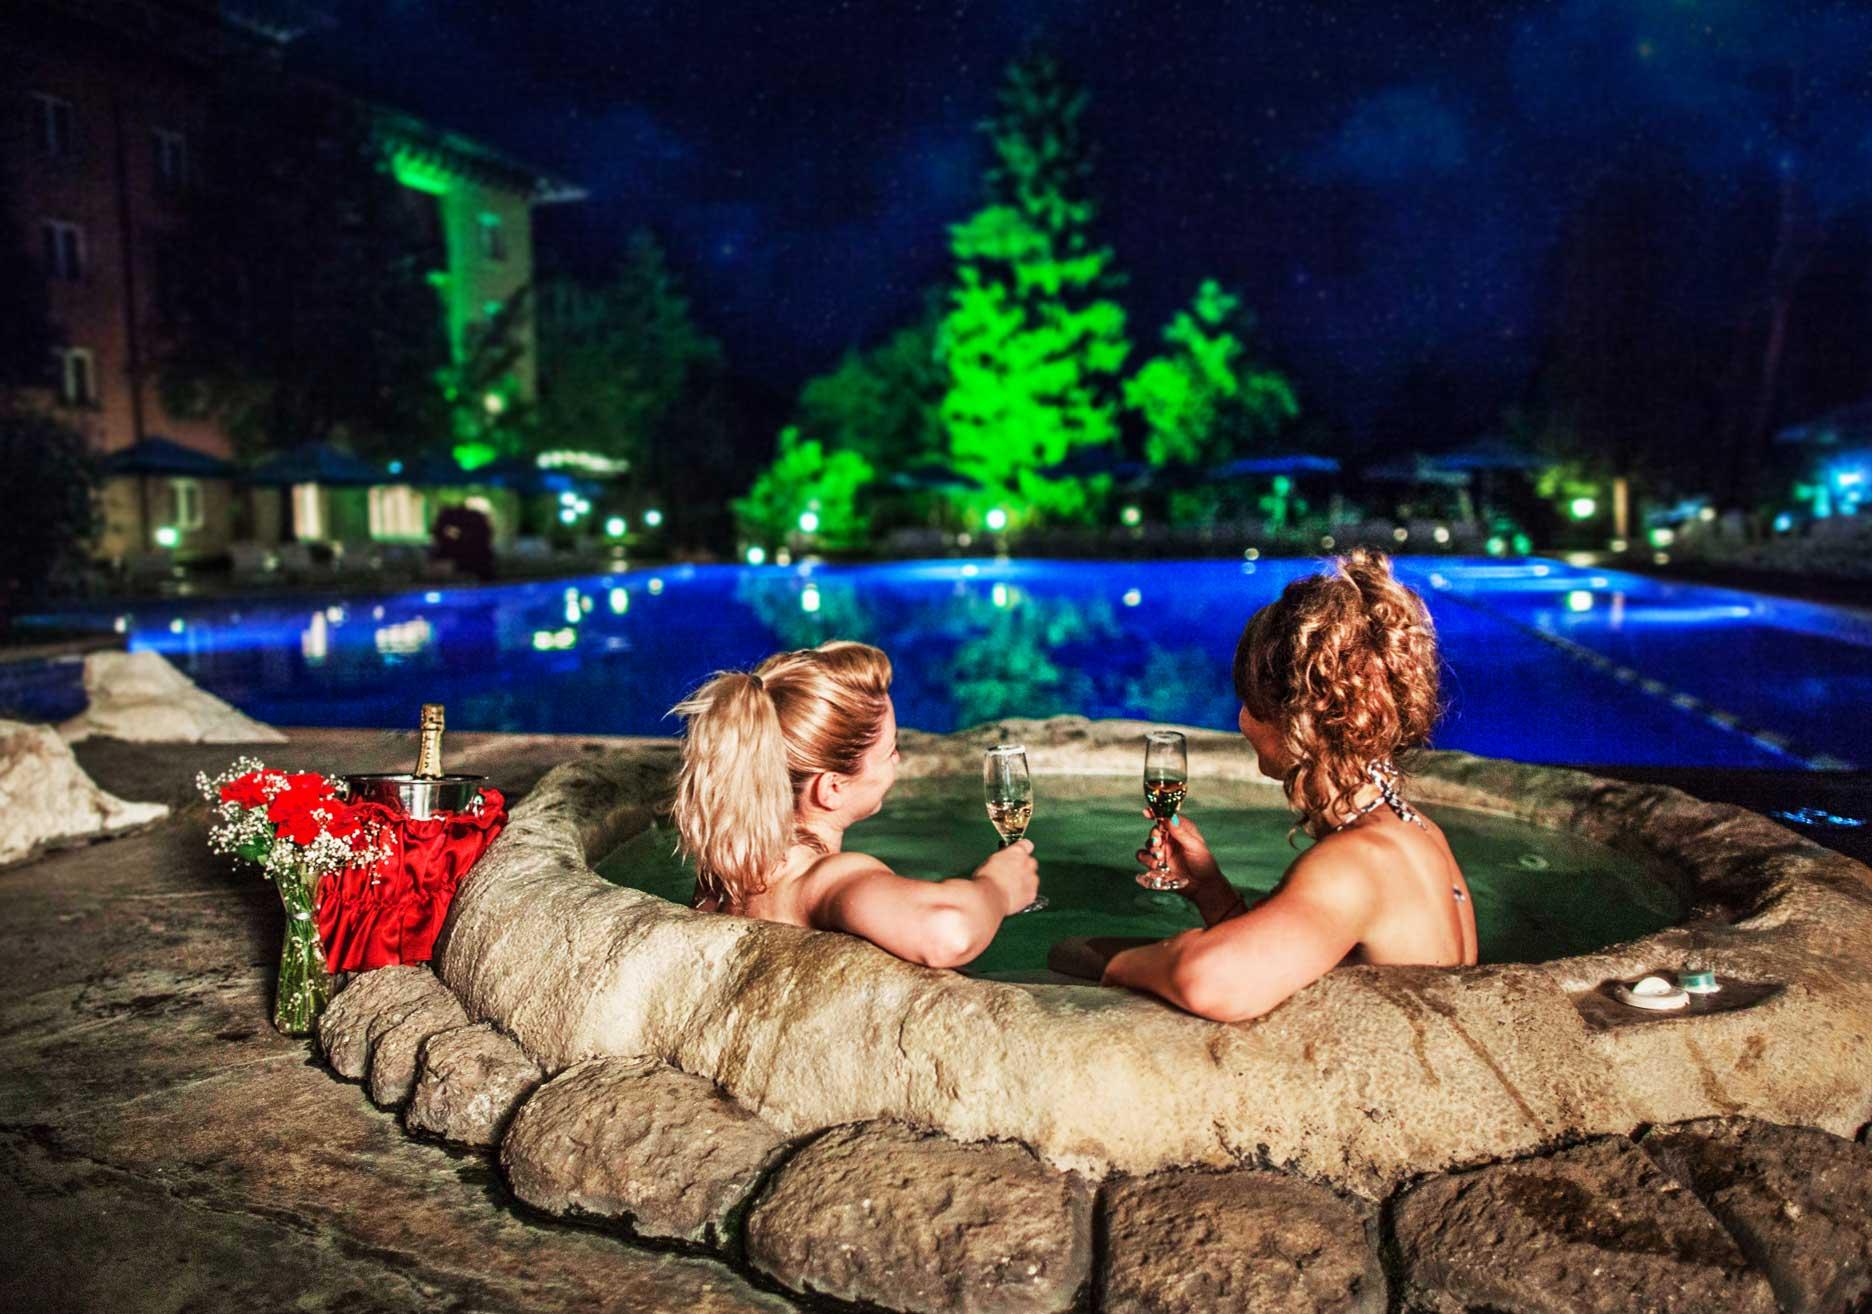 Две жени пиещи шампанско във външно джакузи